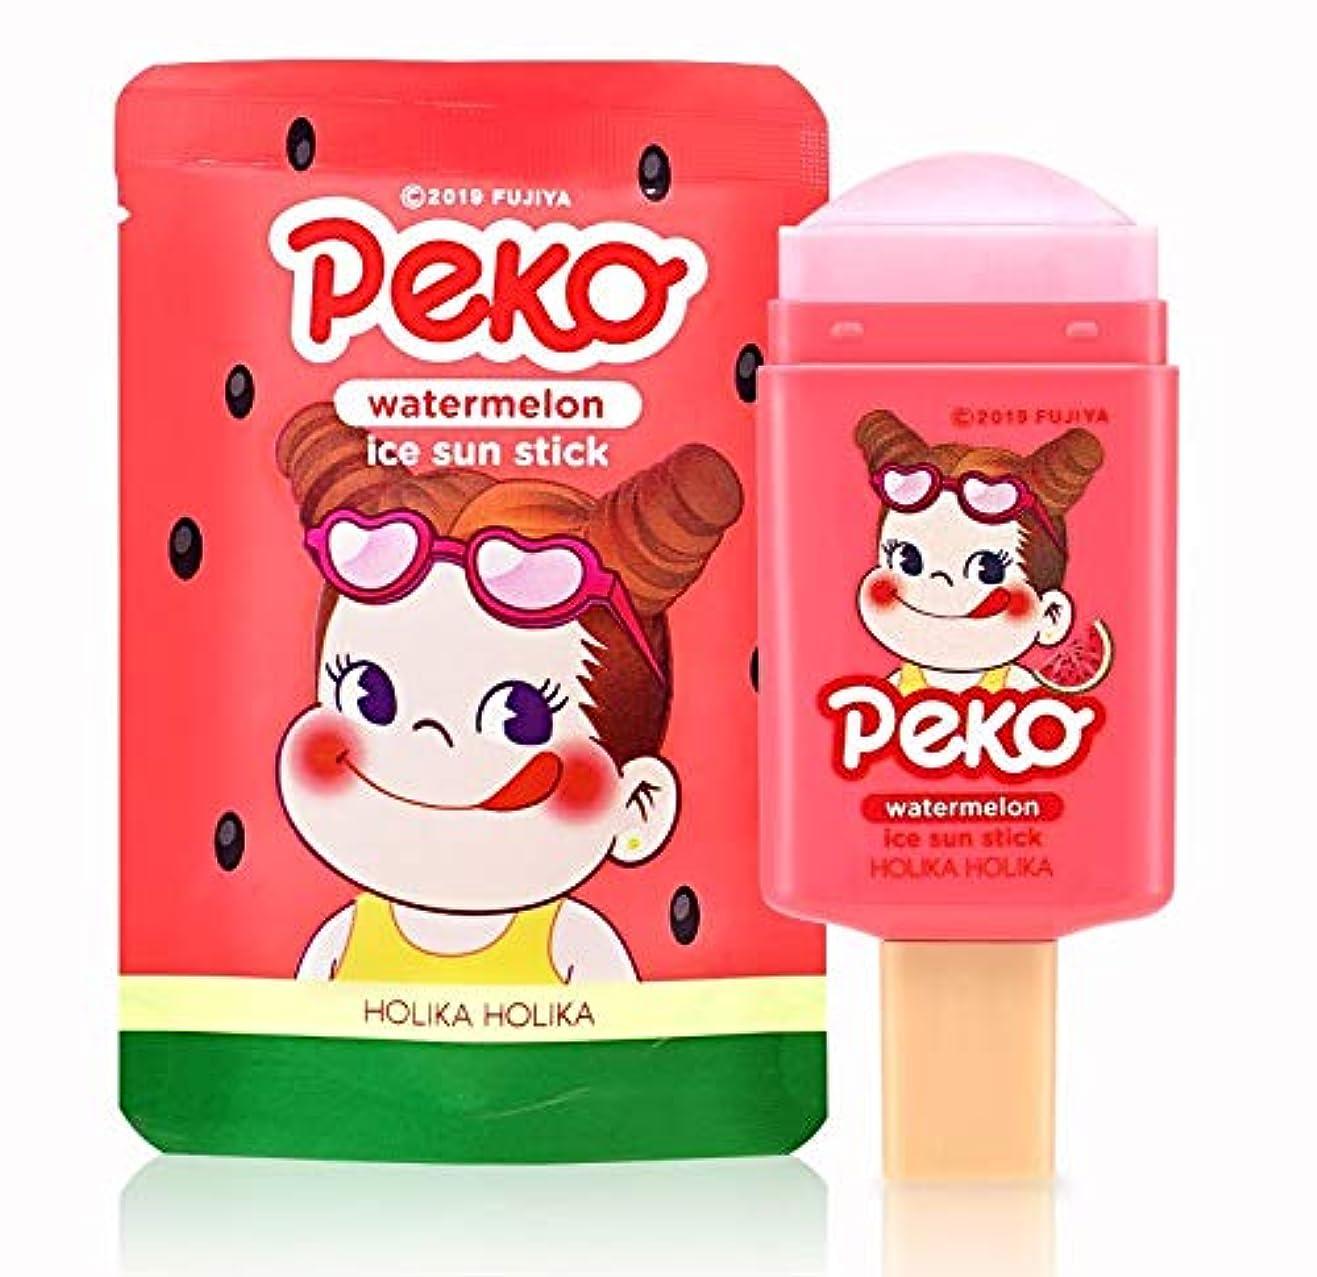 コーラス一目不倫ホリカホリカ [スイートペコエディション] スイカ アイス サン スティック 14g / Holika Holika [Sweet Peko Edition] Watermellon Ice Sun Stick SPF50...